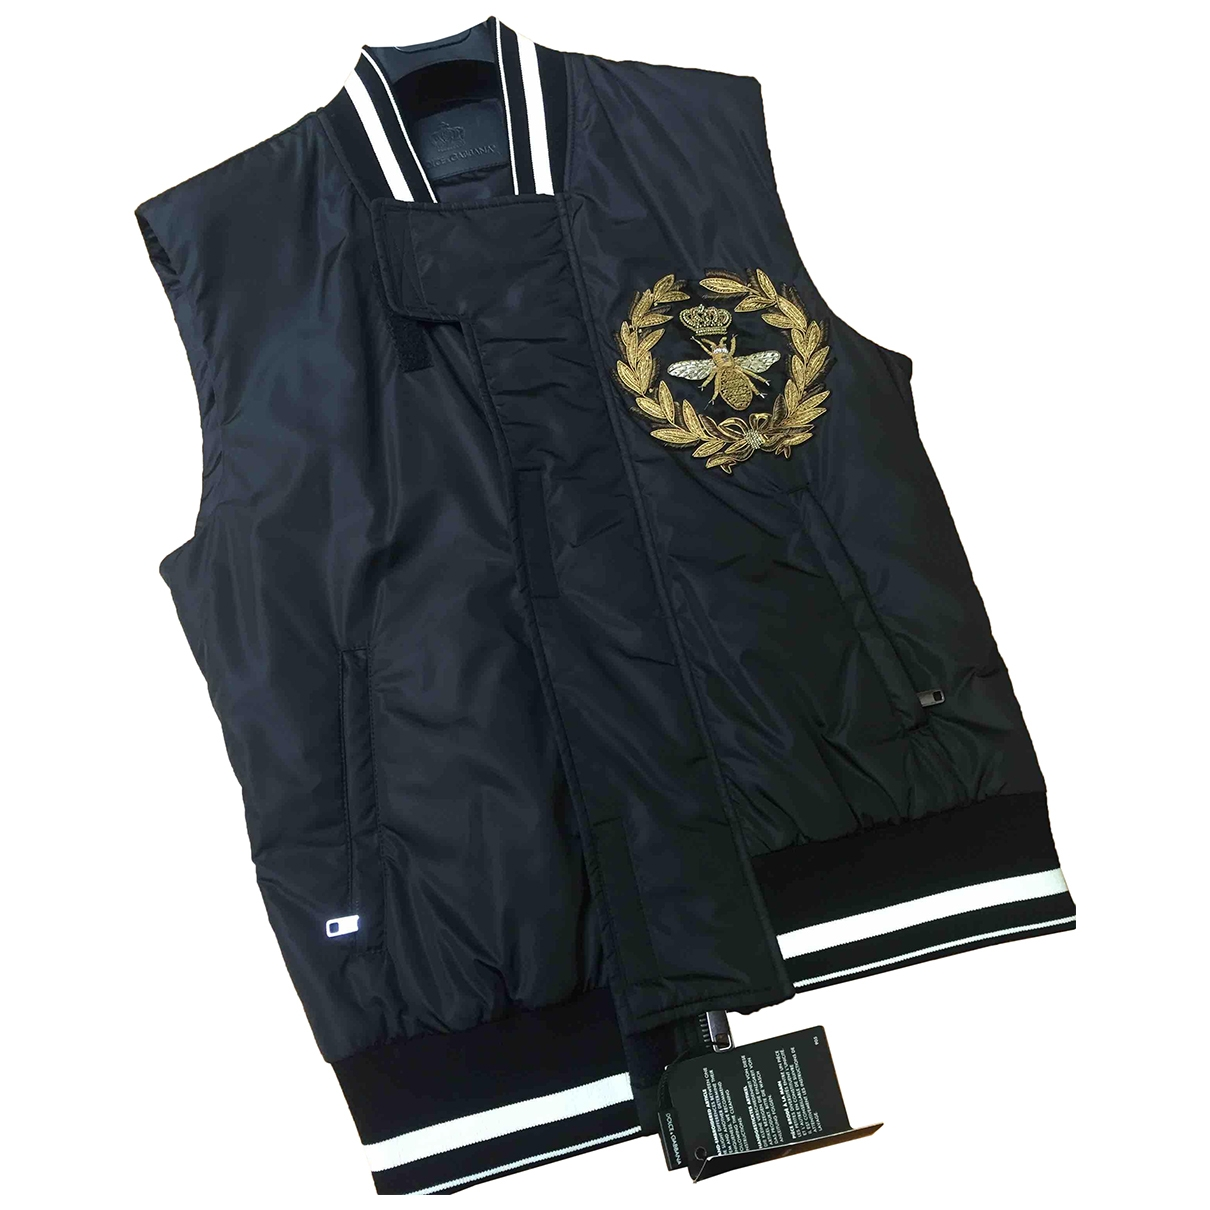 Dolce & Gabbana - Vestes.Blousons   pour homme - noir